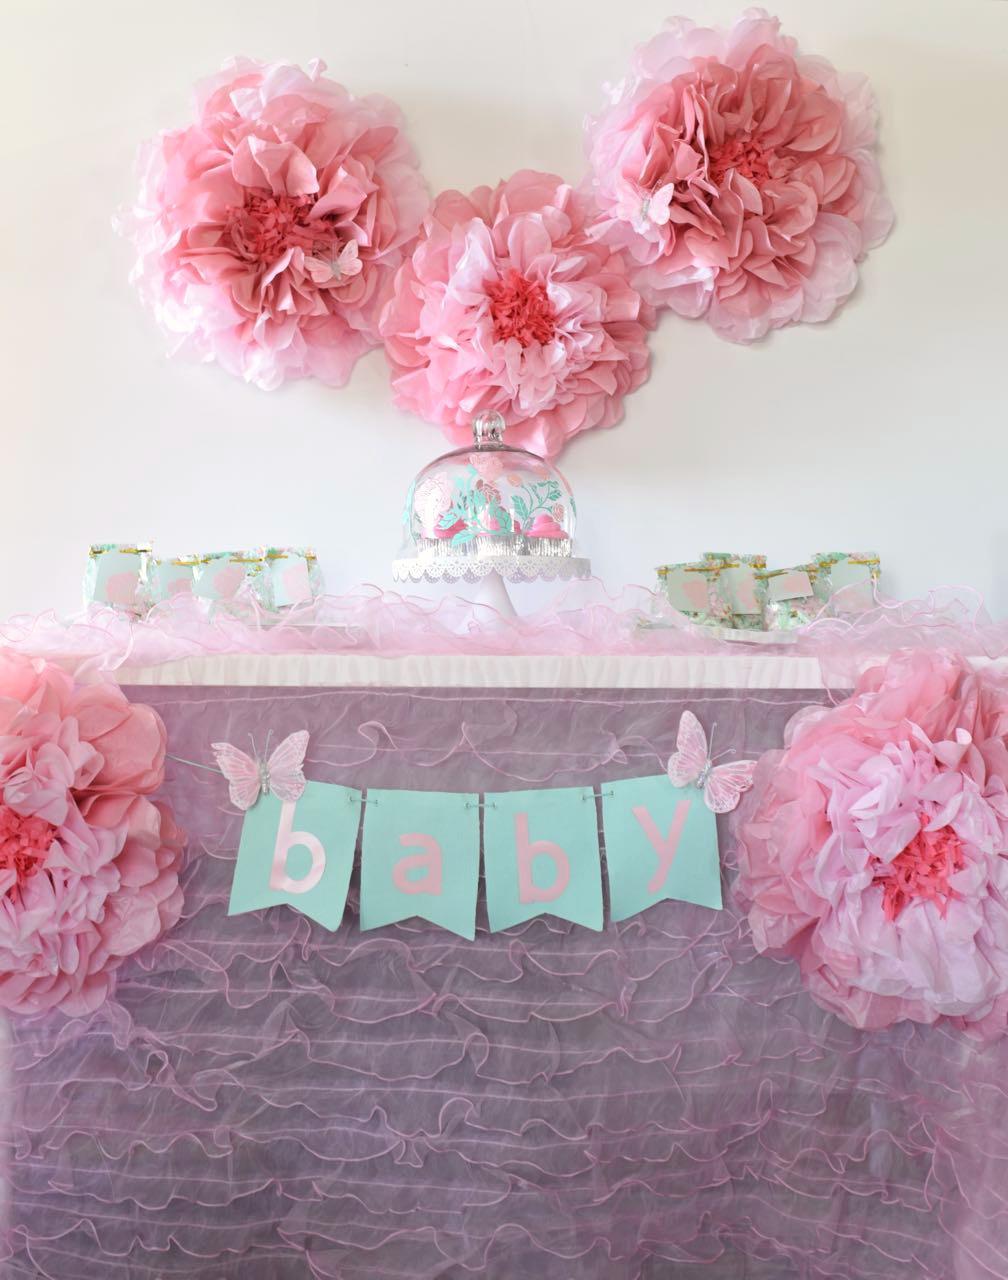 10 Lovely Girl Baby Shower Favors Ideas girl baby shower ideas free cut files make life lovely 2020